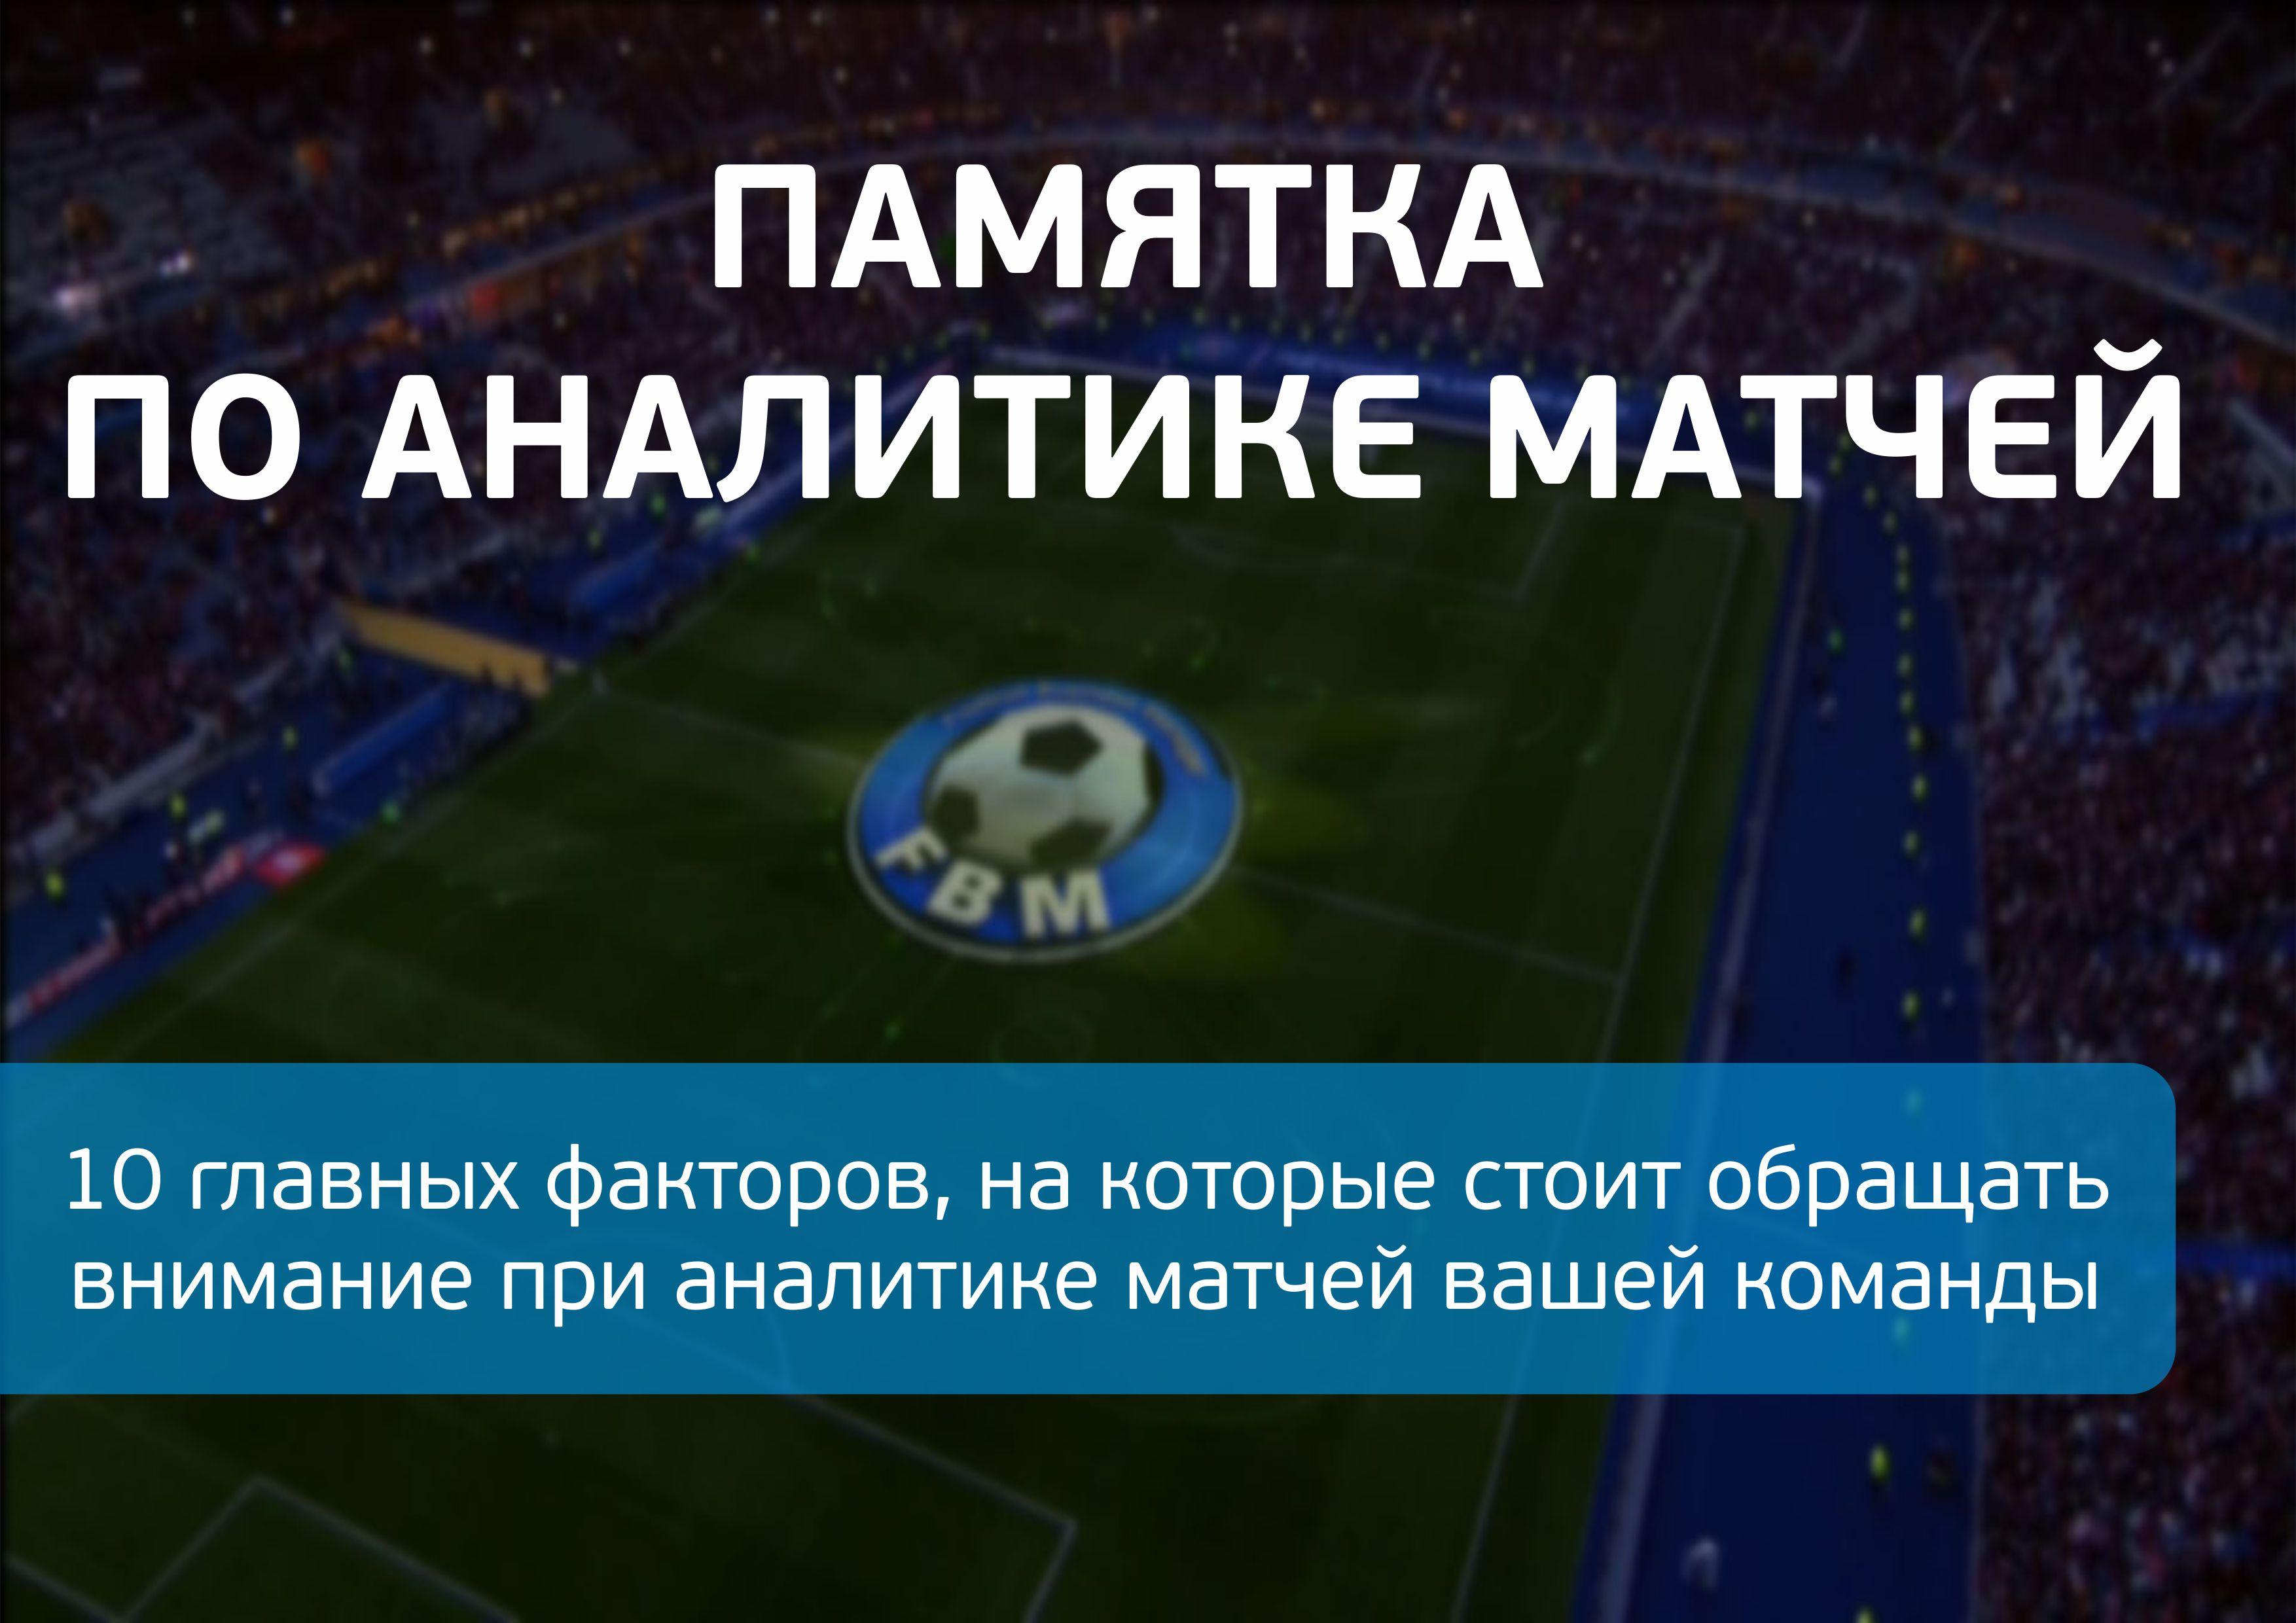 футбольный менеджер онлайн на русском играть бесплатно